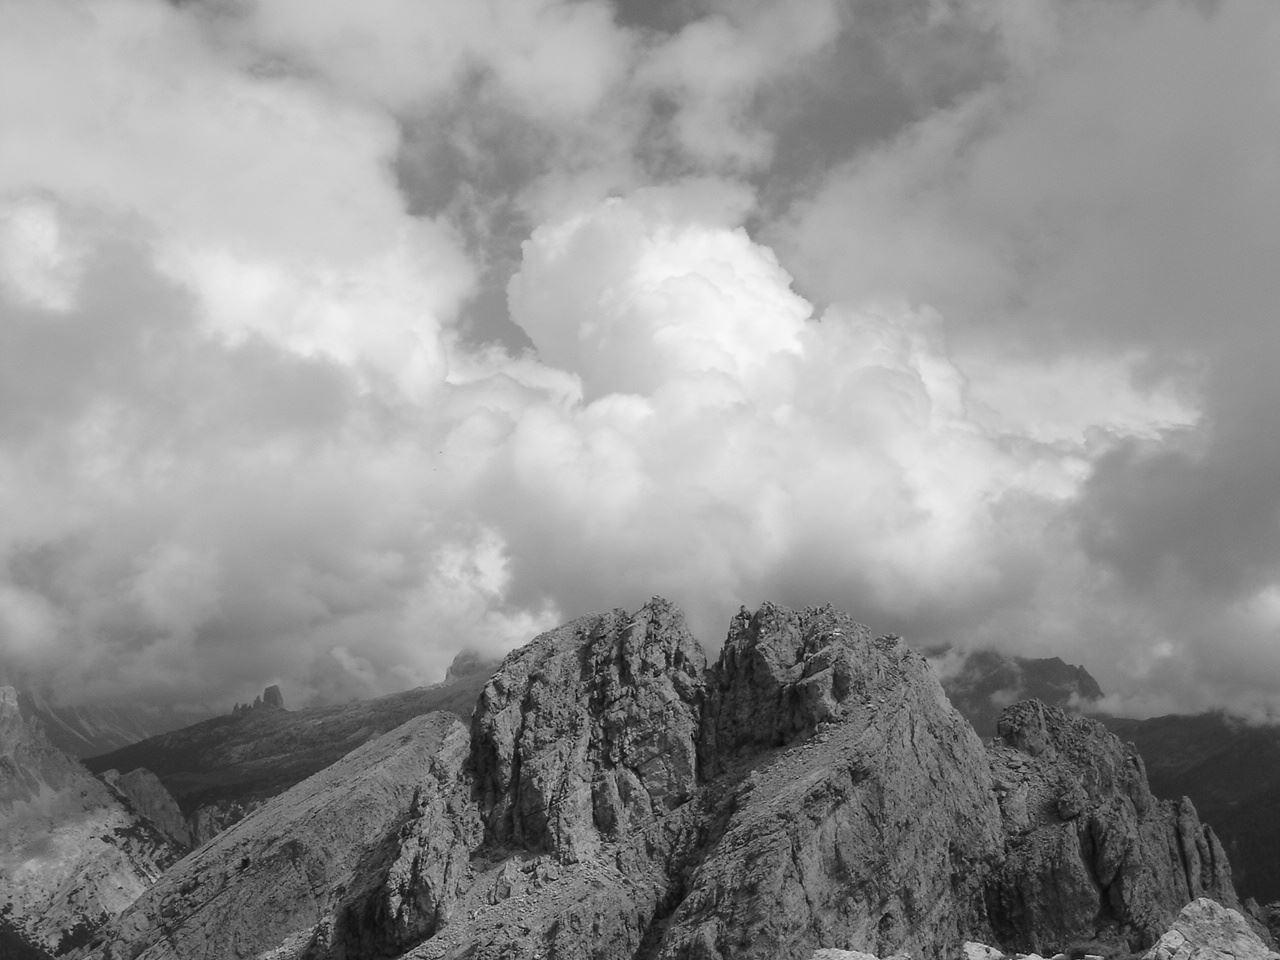 Foto: Manfred Karl / Wander Tour / Settsass (2571m) / Settsassgipfel gegen Osten, ganz hinten die Cinque Torri. / 05.05.2007 18:58:03